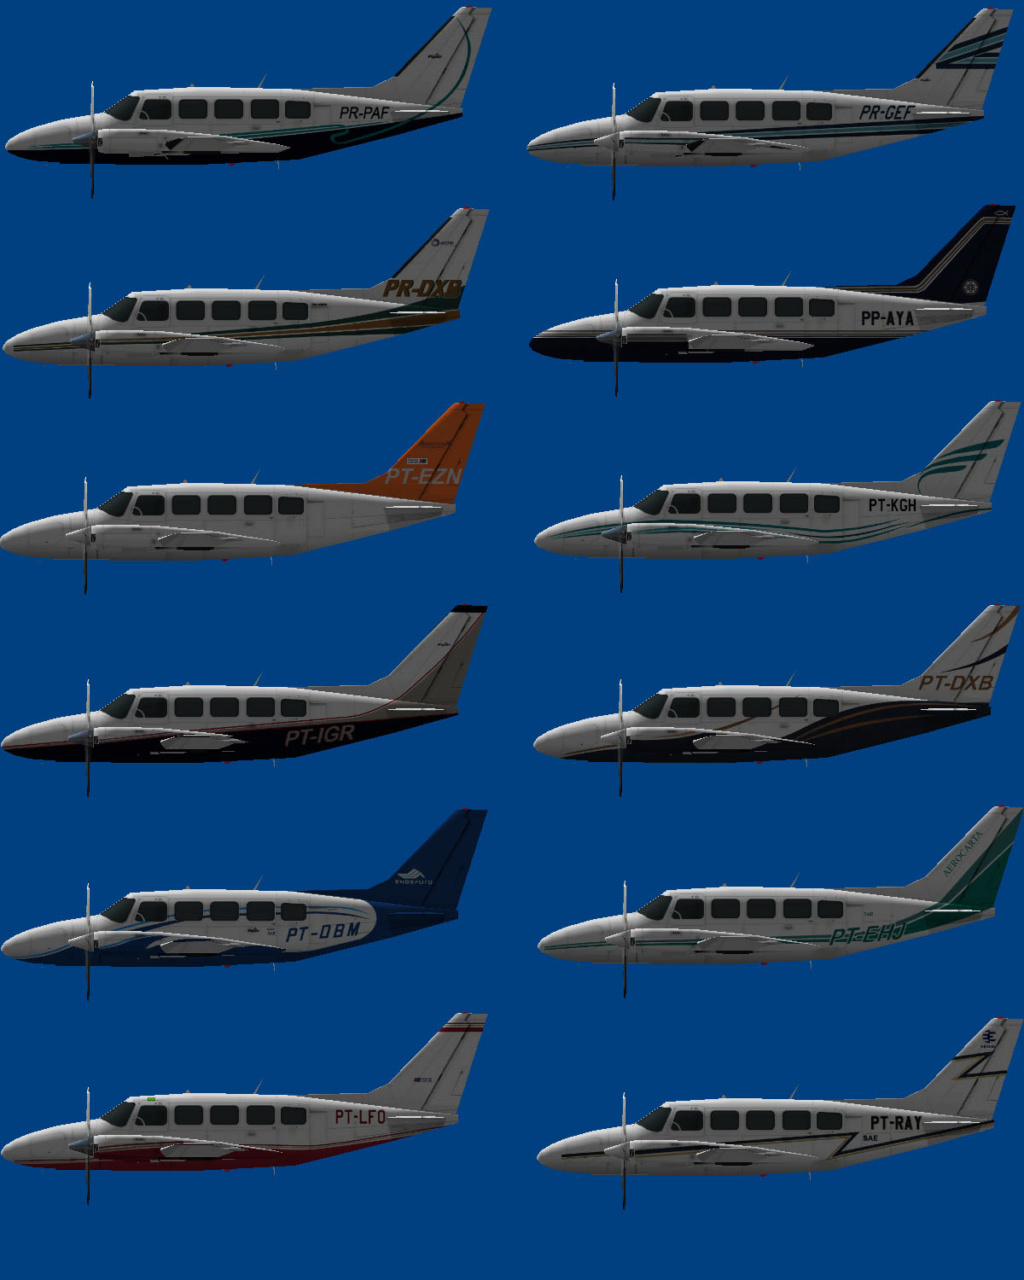 Tráfego - fsx e fs9 Tráfego Aéreo GA Brasil - Página 5 Untitl78